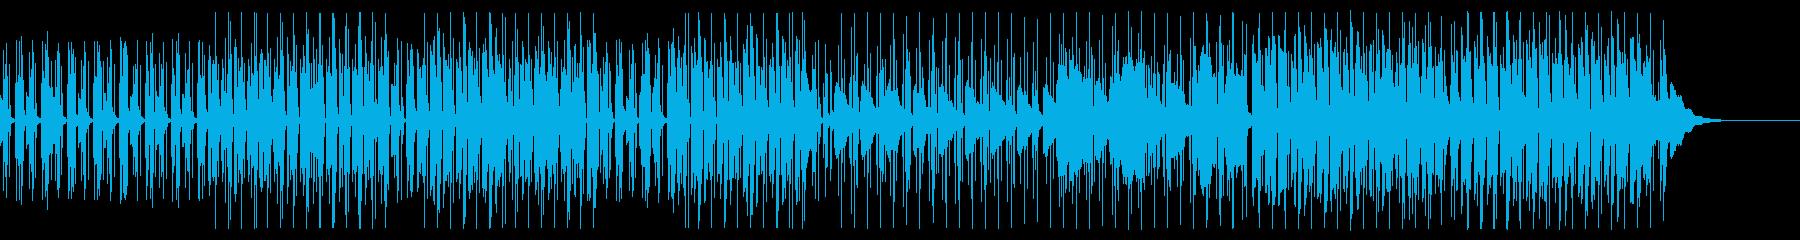 ハウス/静かな海や平和な日常をイメージの再生済みの波形